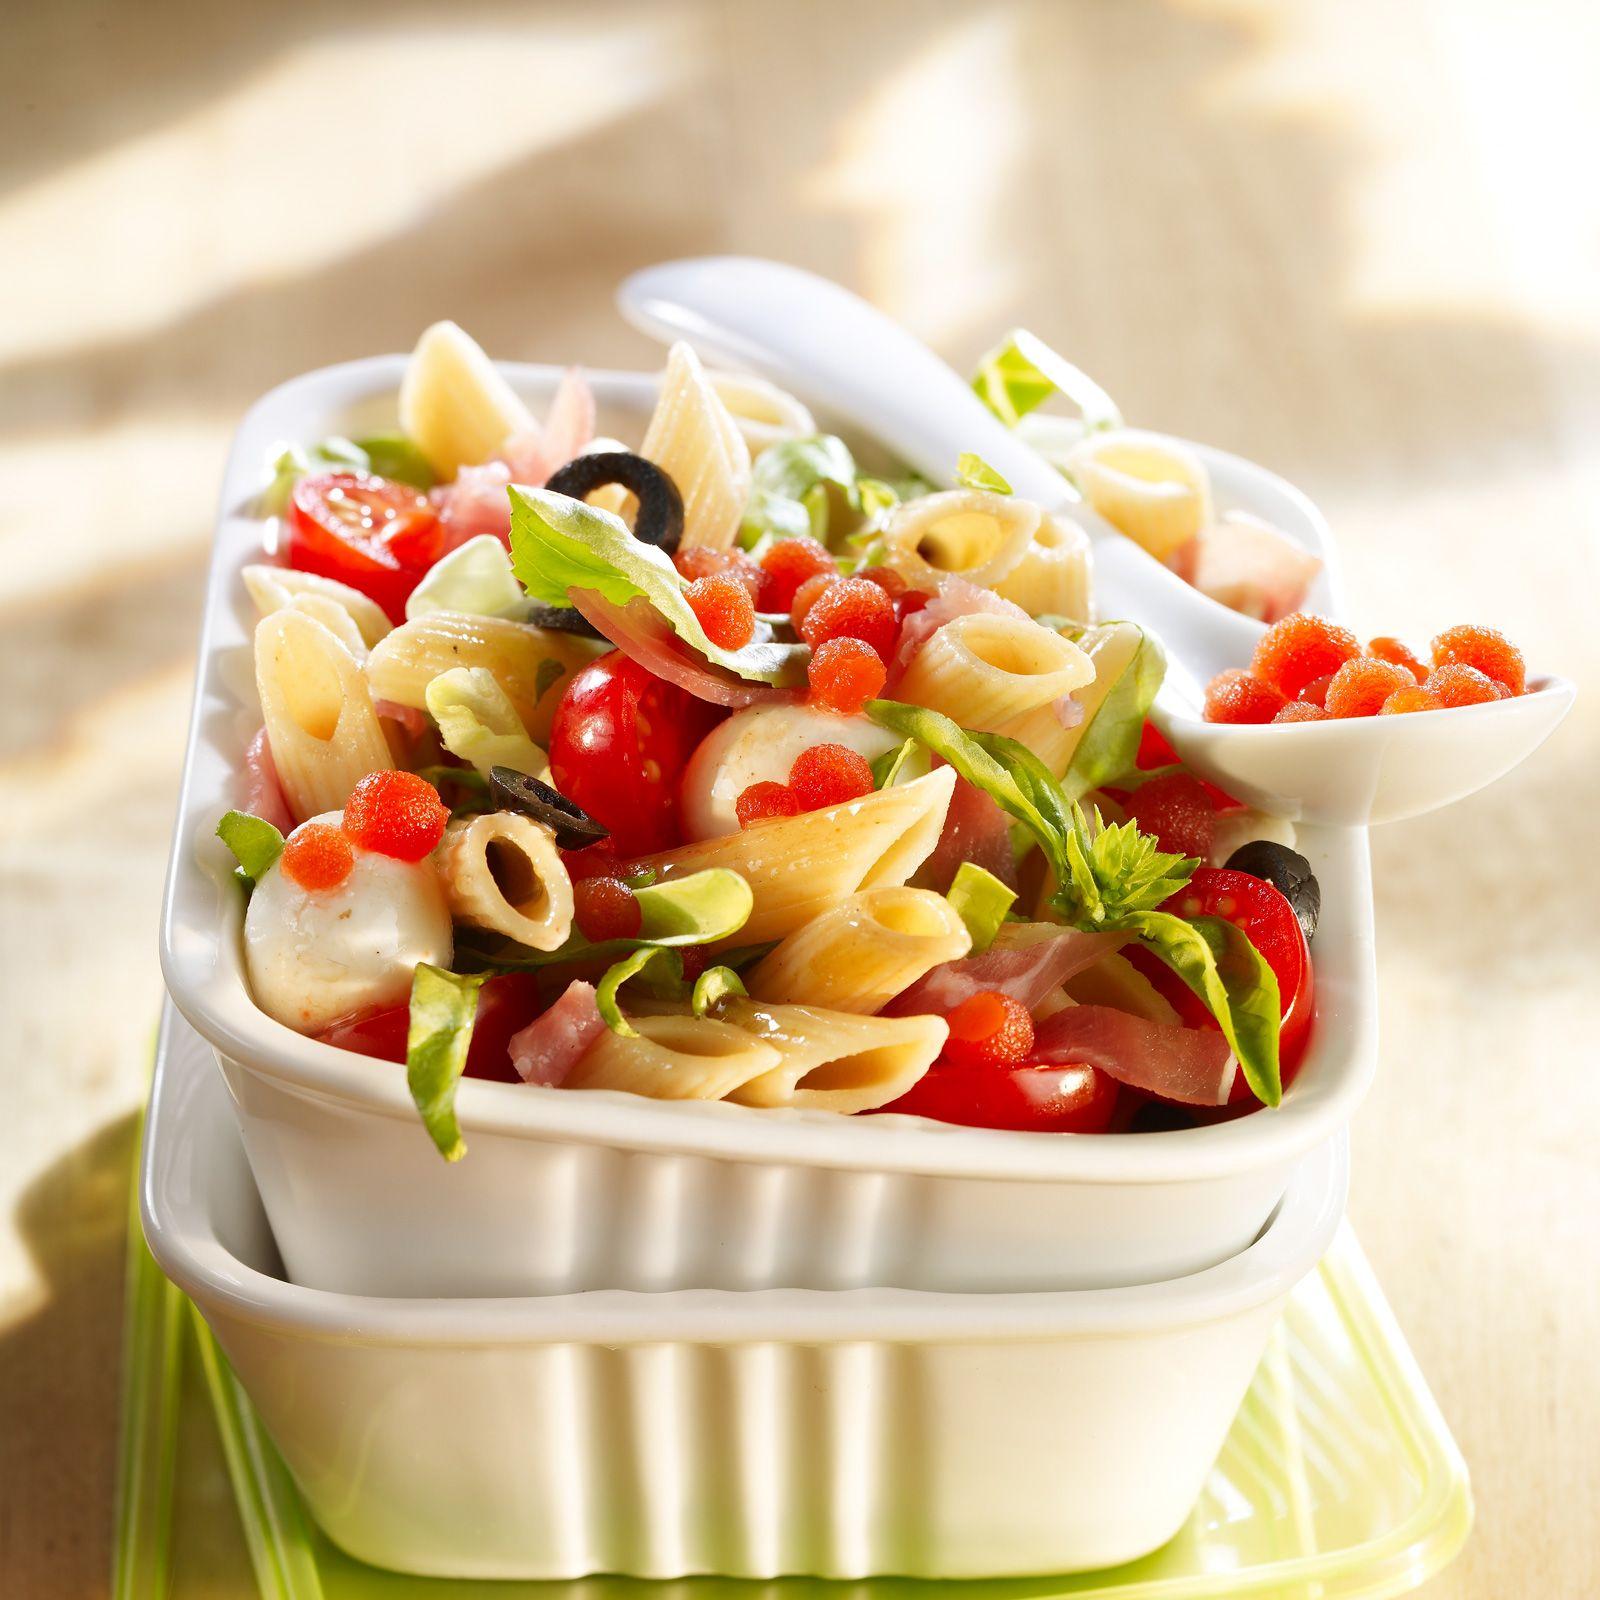 Salade de pâtes à l'italienne   Recette   Recette cuisine ...